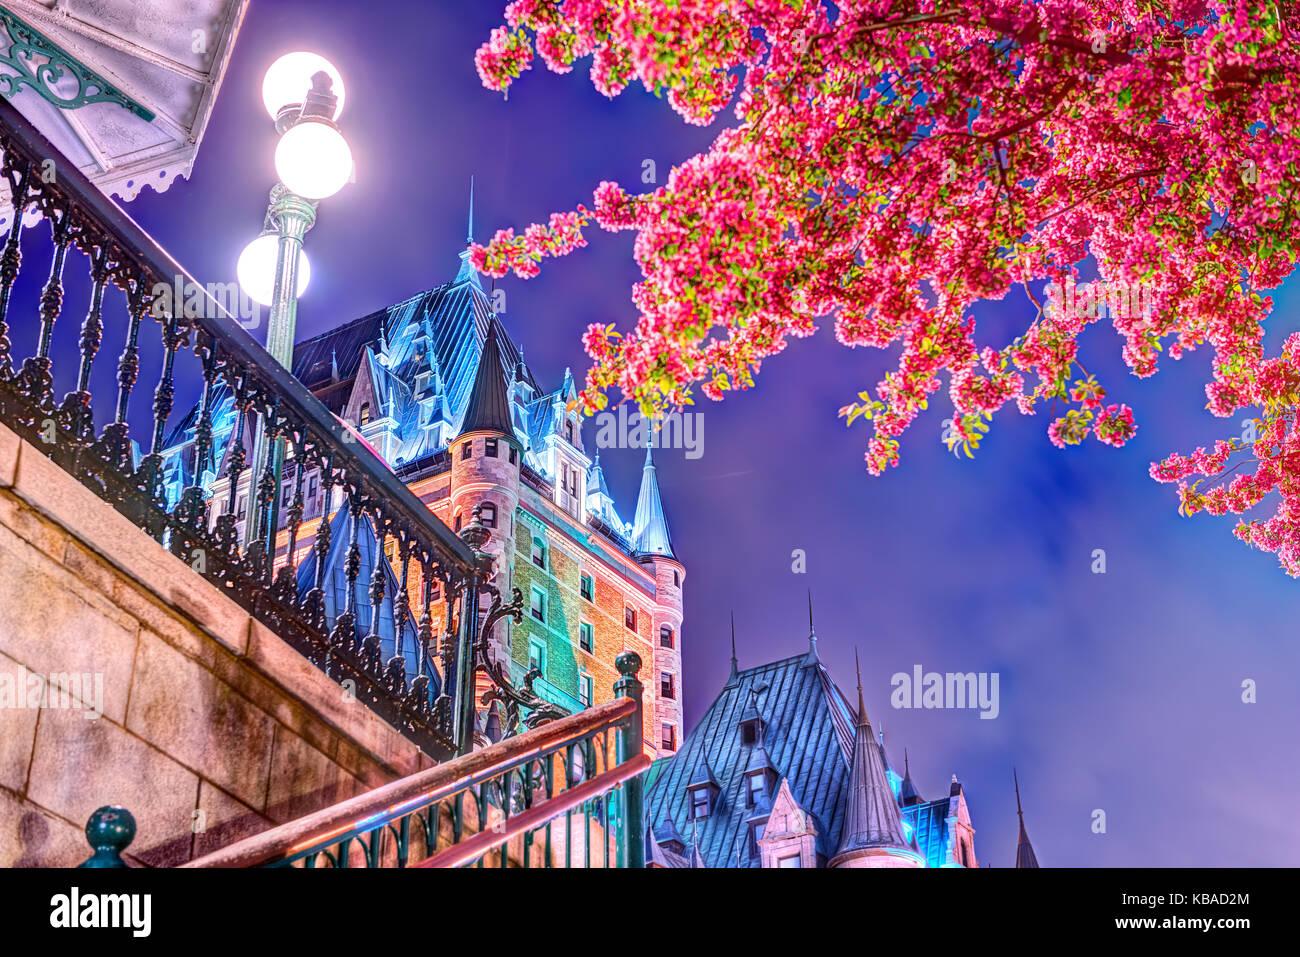 La Ciudad de Quebec, Canadá - 31 de mayo de 2017: iluminado árbol en flor crabapple escalier funiculaire Chateau Frontenac Hotel por la noche, lámparas, lanter Foto de stock